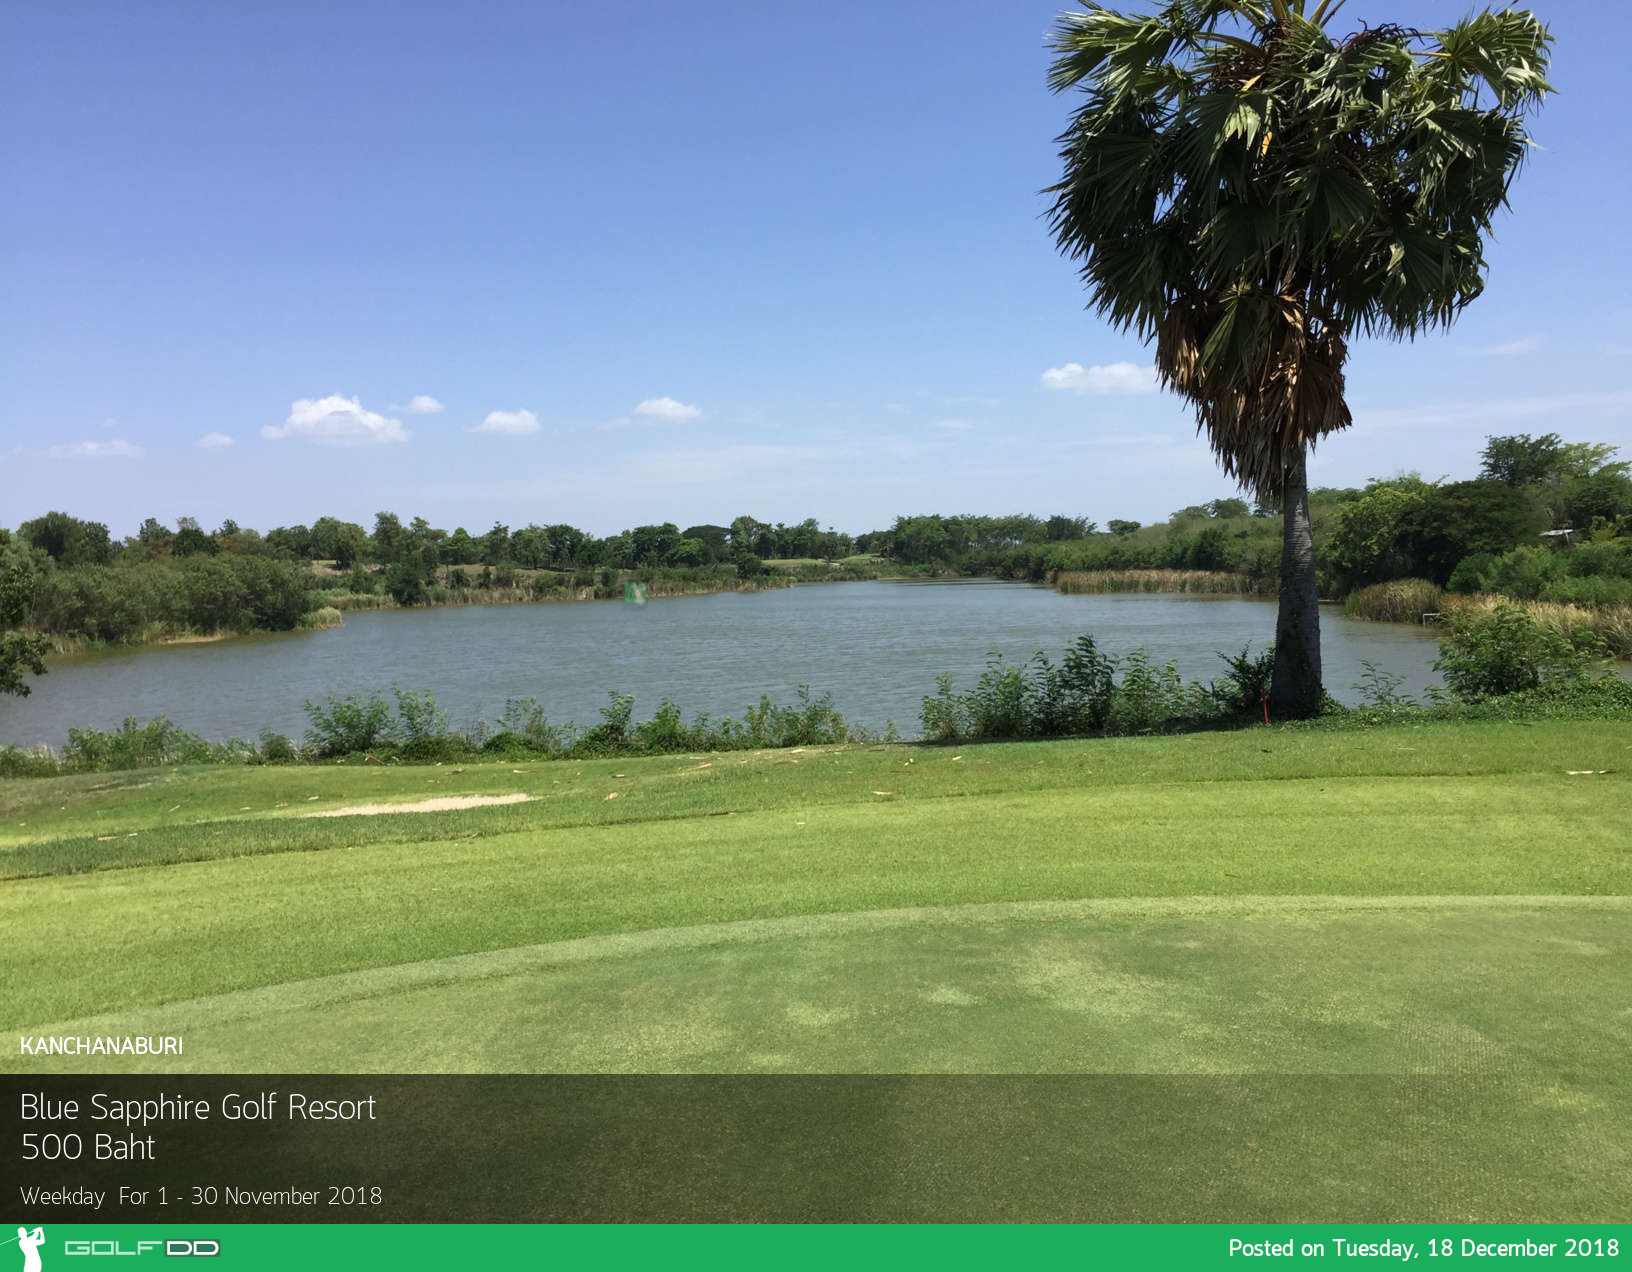 อีกหนึ่งสนามที่ท้าทายความสามารถของเหล่านักกอล์ฟ Blue Sapphire Golf Resort กาญจบุรี